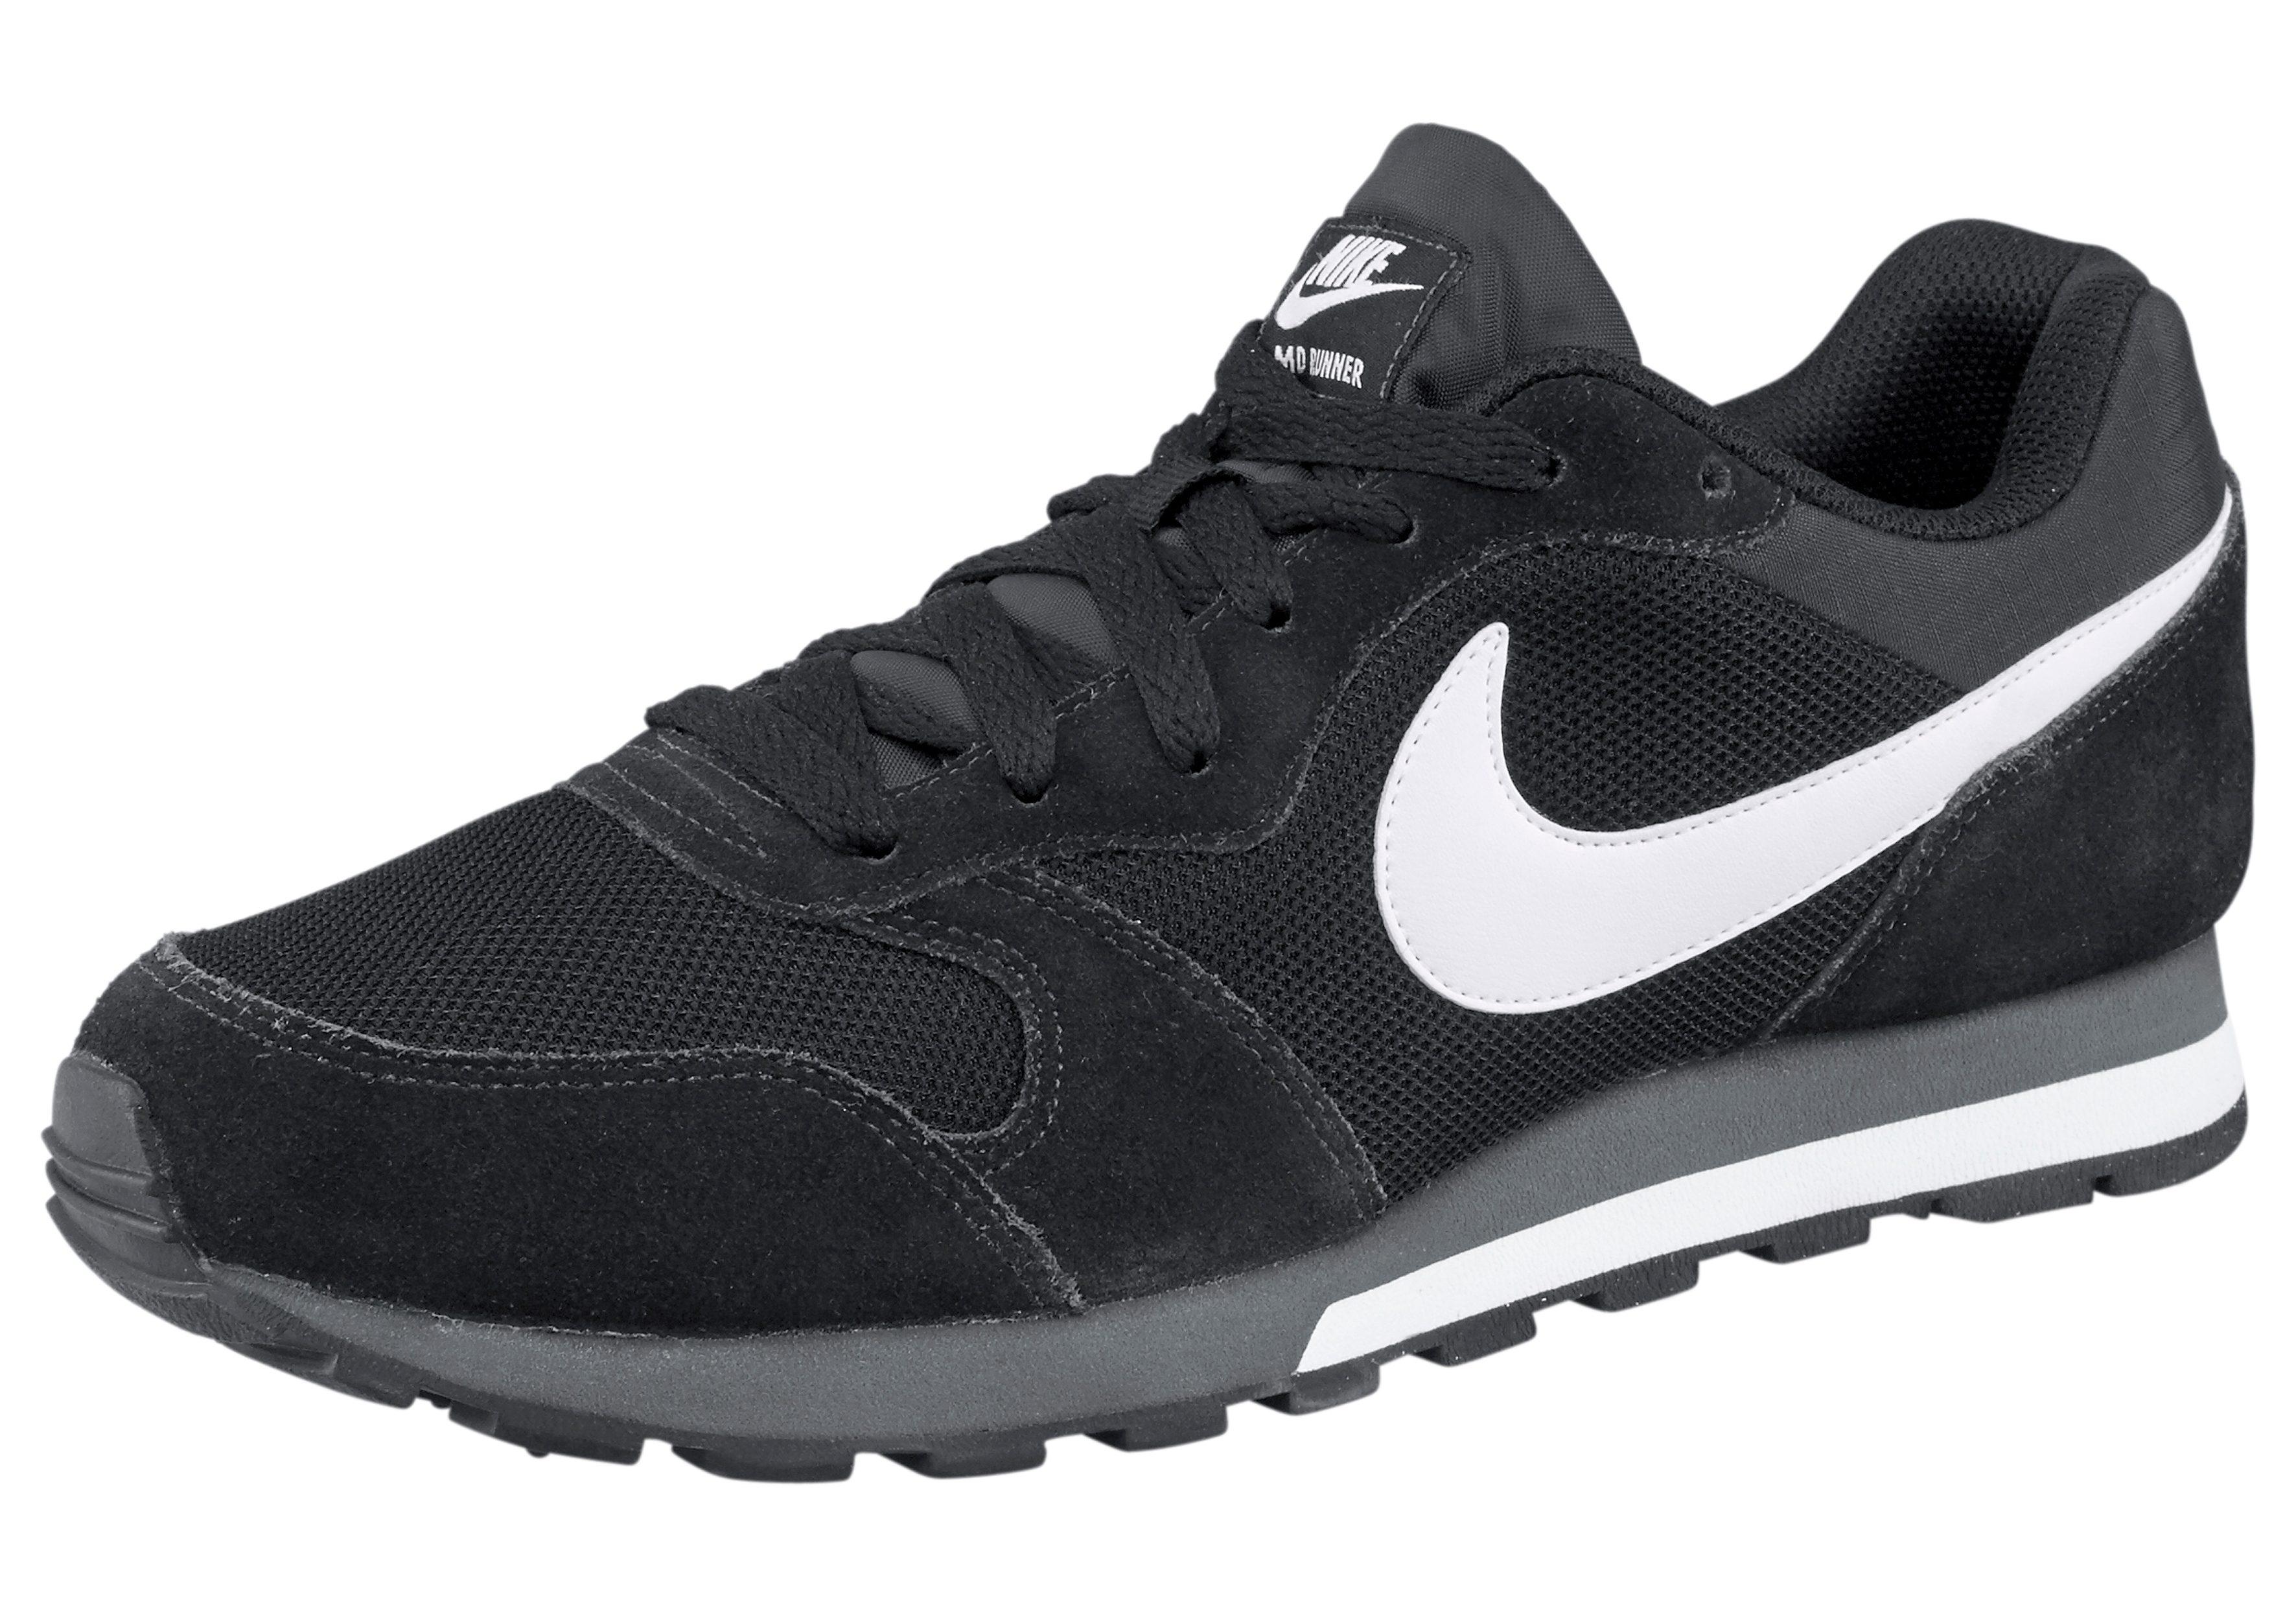 Nike Sportswear Sneaker 'MD Runner 2' in schwarz weiß